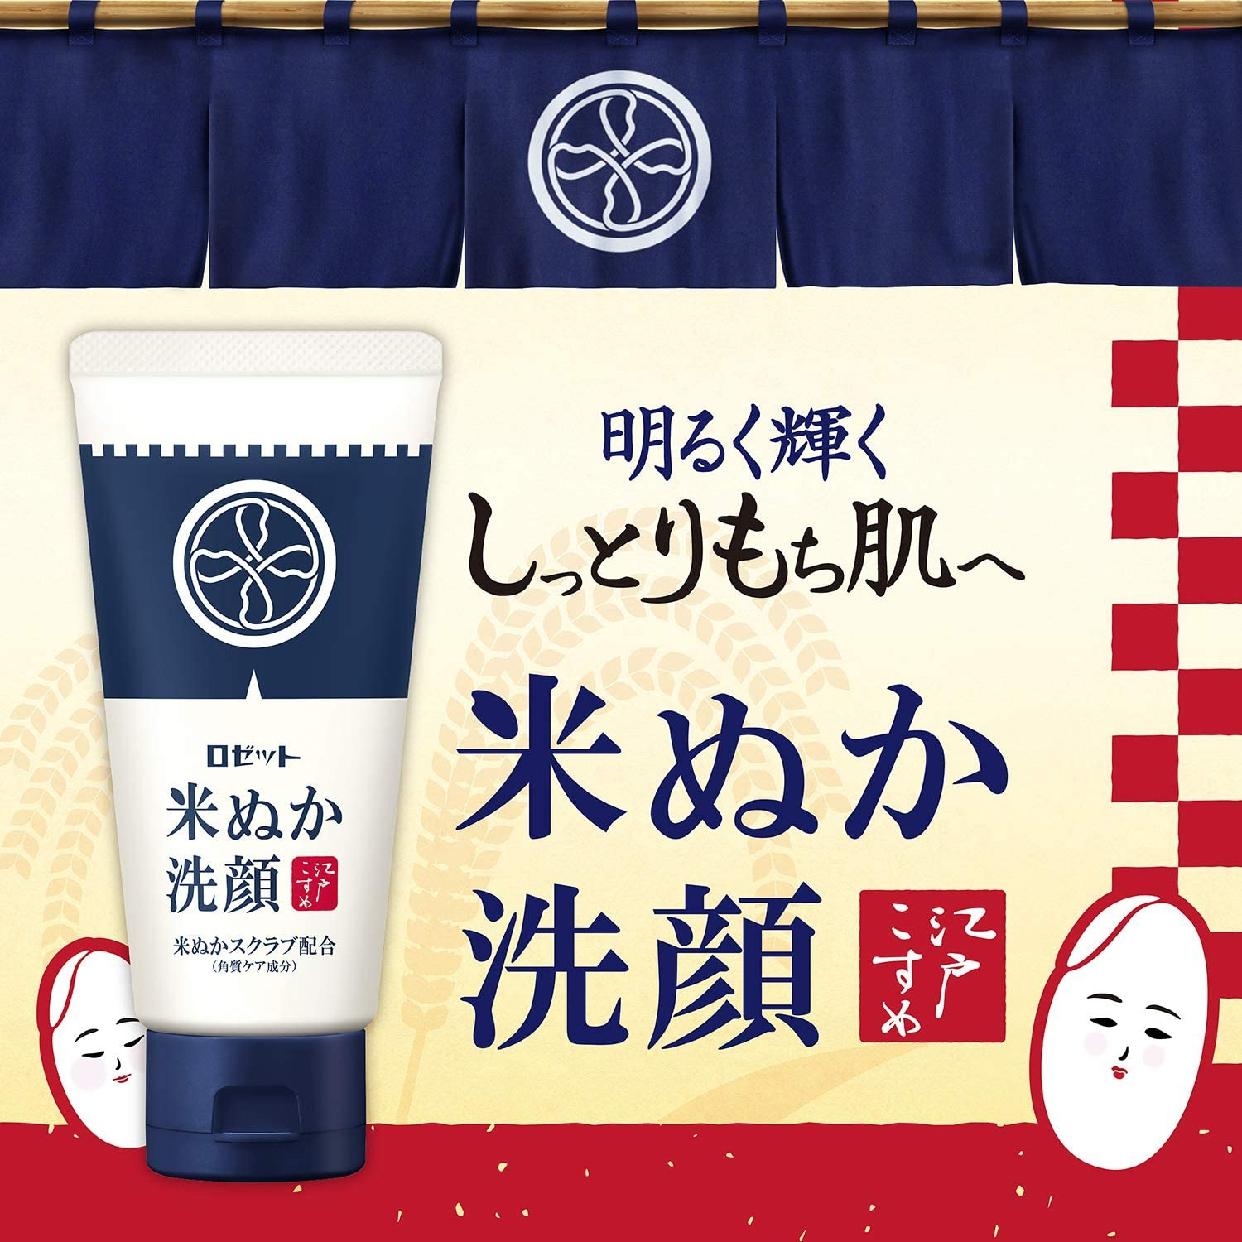 ROSETTE(ロゼット) 江戸こすめ 米ぬか洗顔の商品画像8